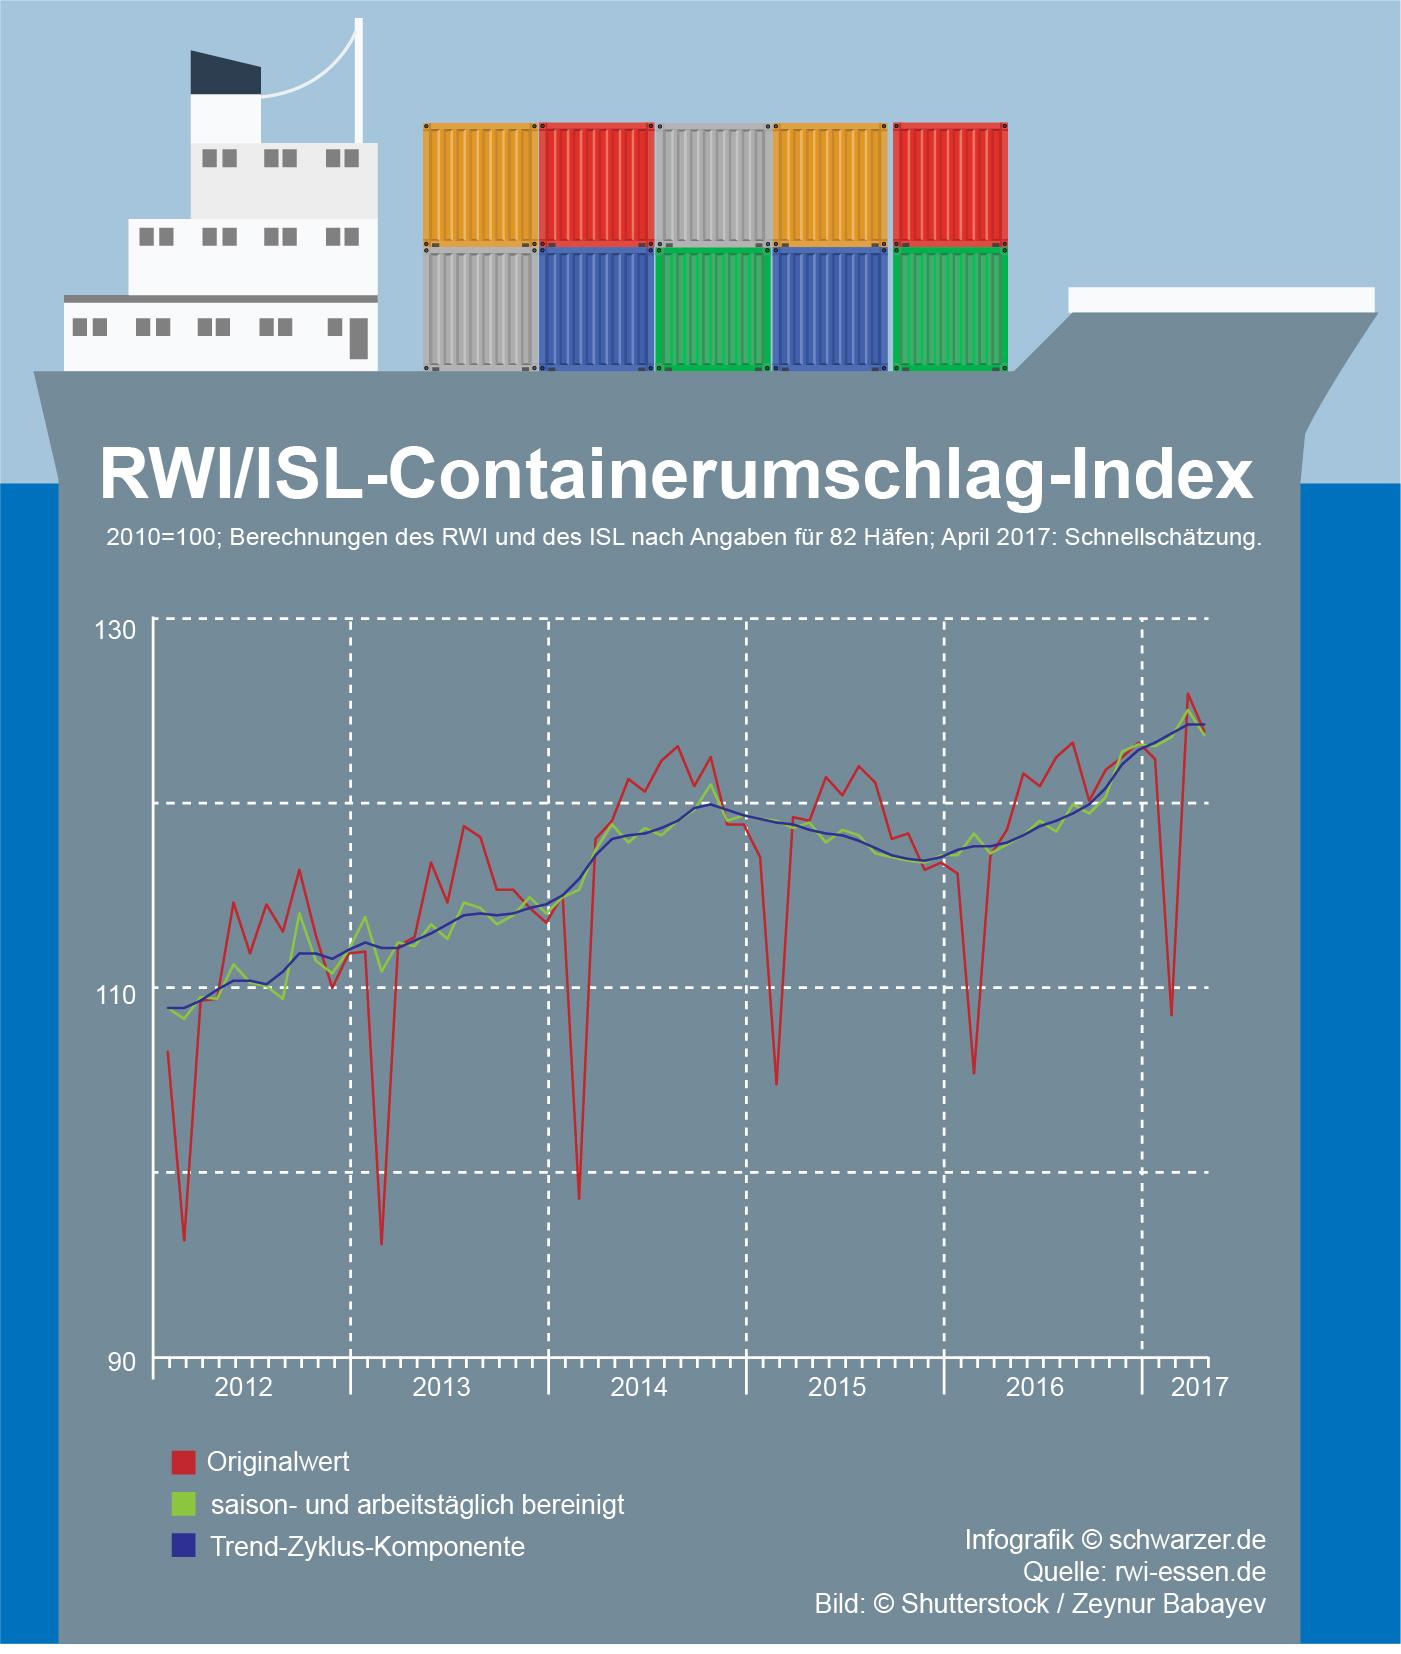 Infografik: Containerumschlags-Index für den April 2017